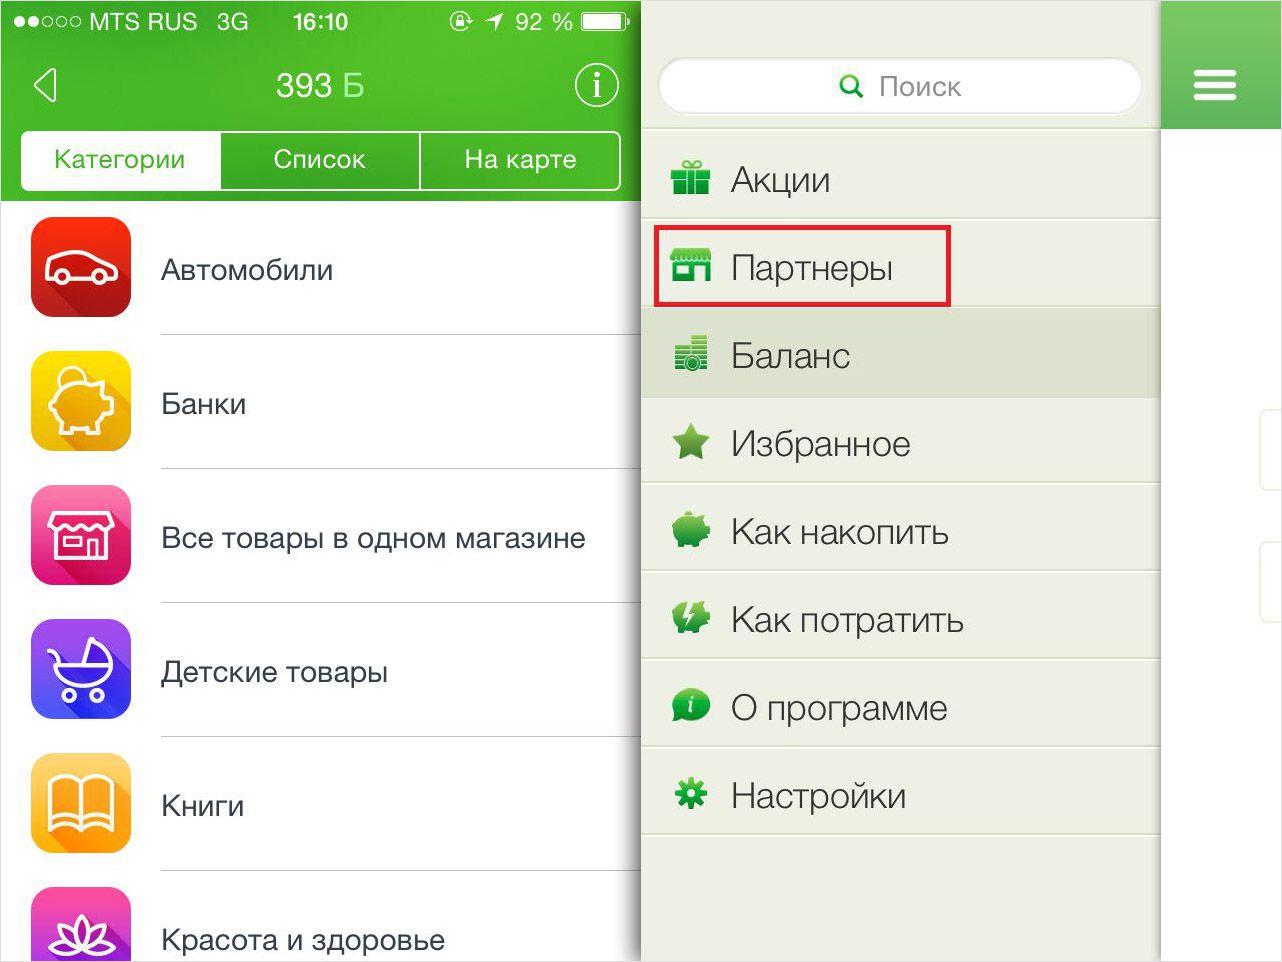 Смотрим список партнеров с помощью мобильного приложения